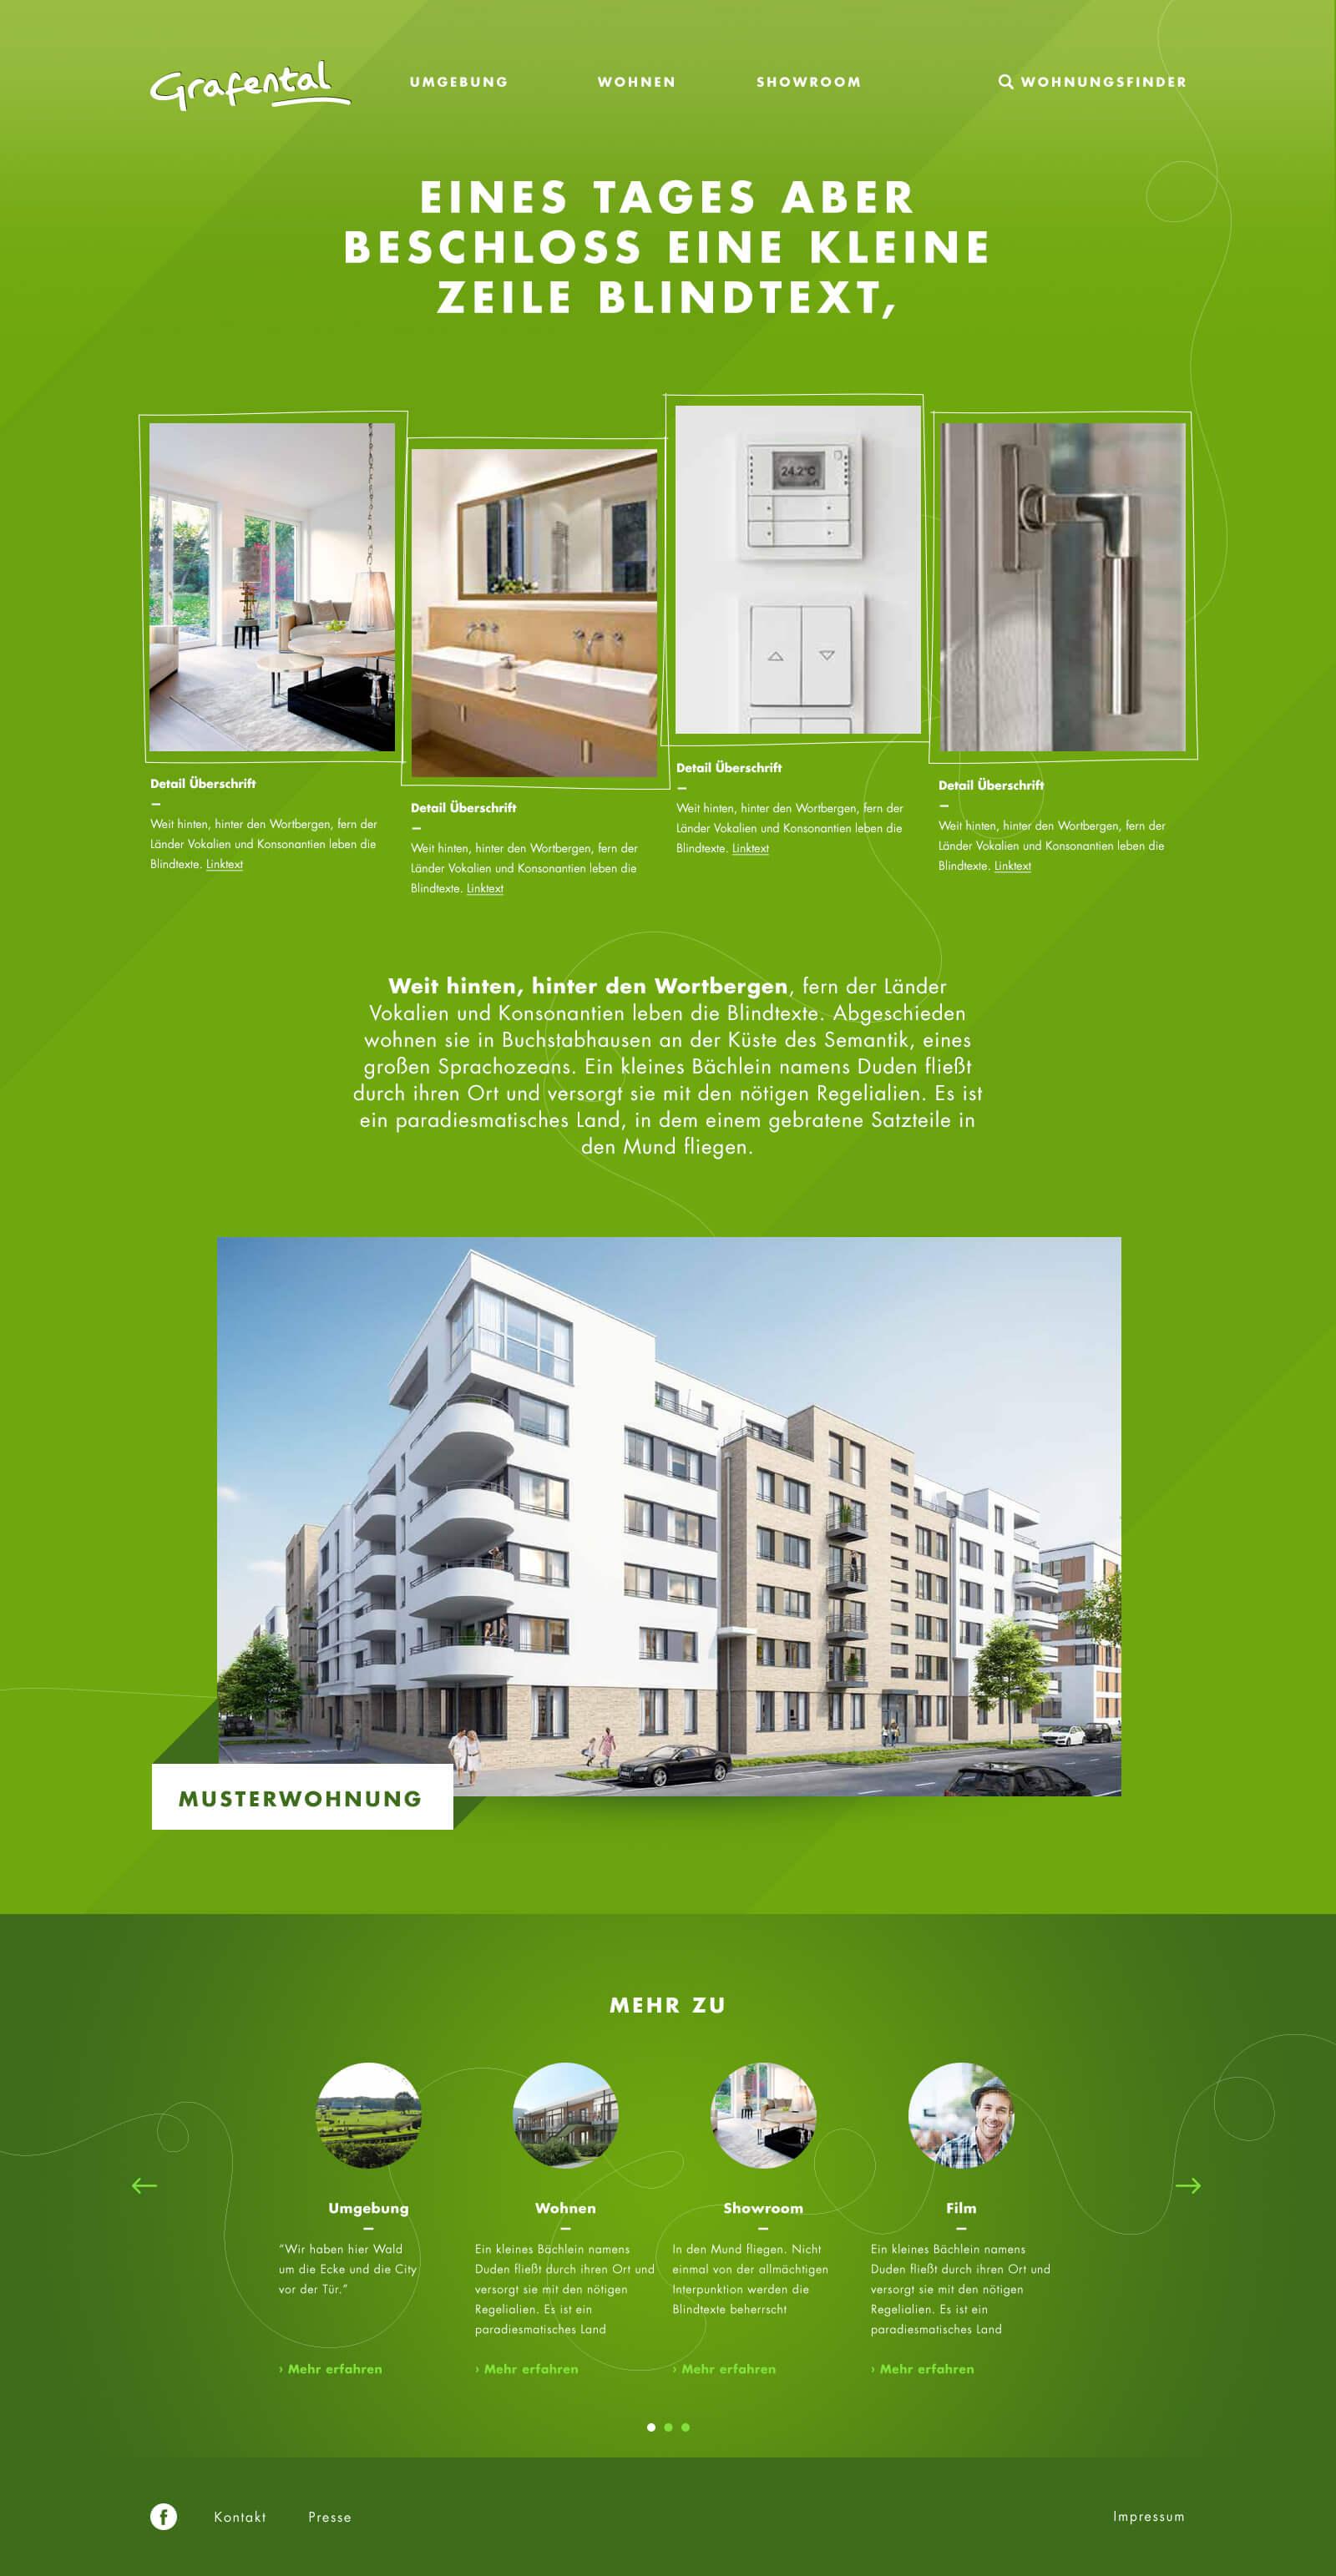 Webdesign für ein Immobilienprojekt in Düsseldorf: Grafental. Dies ist eine Unterseite